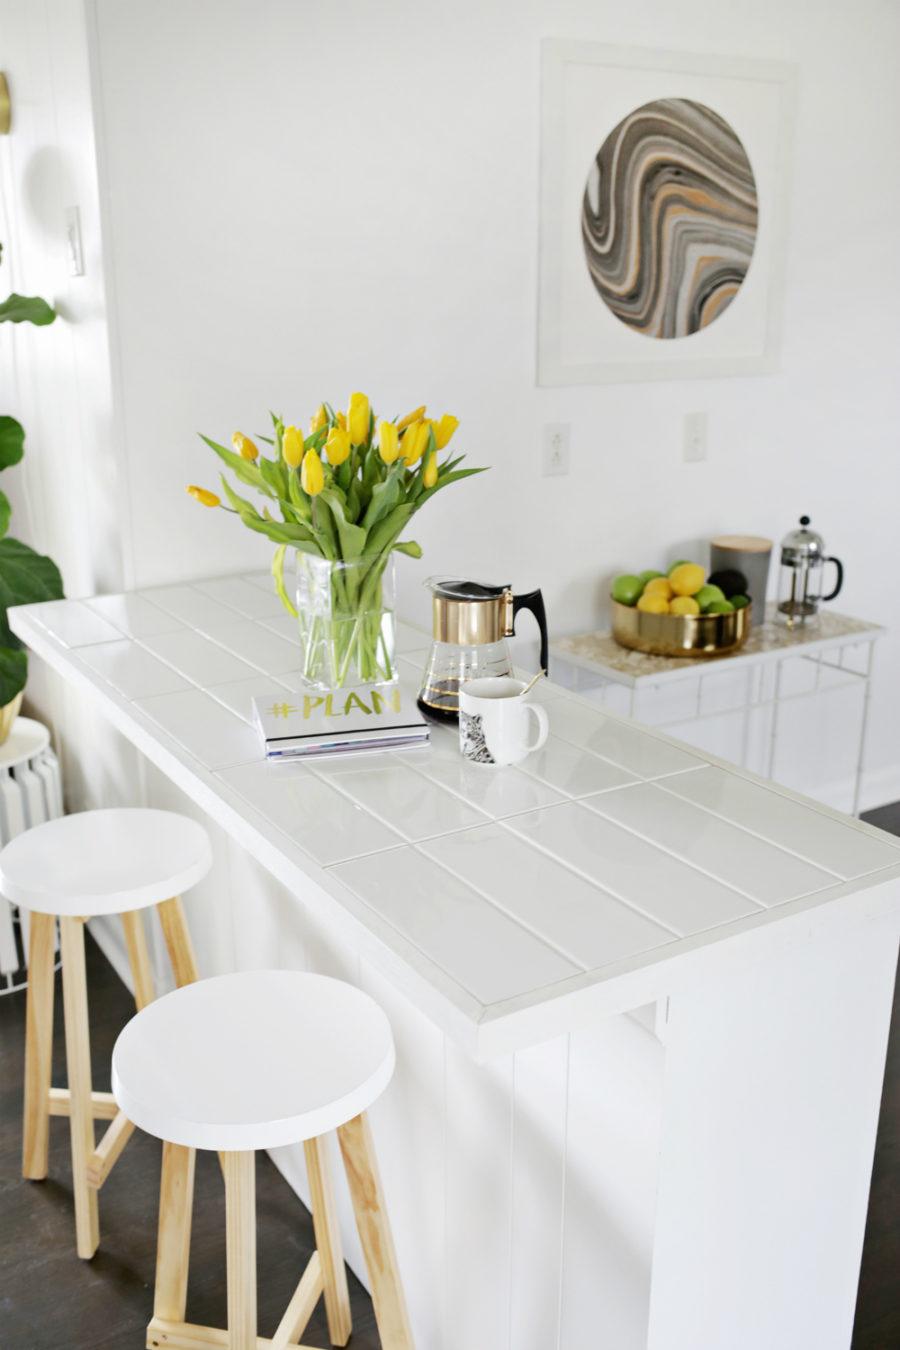 Элегантный дизайн кухонной столешницы для острова - белый в интерьере